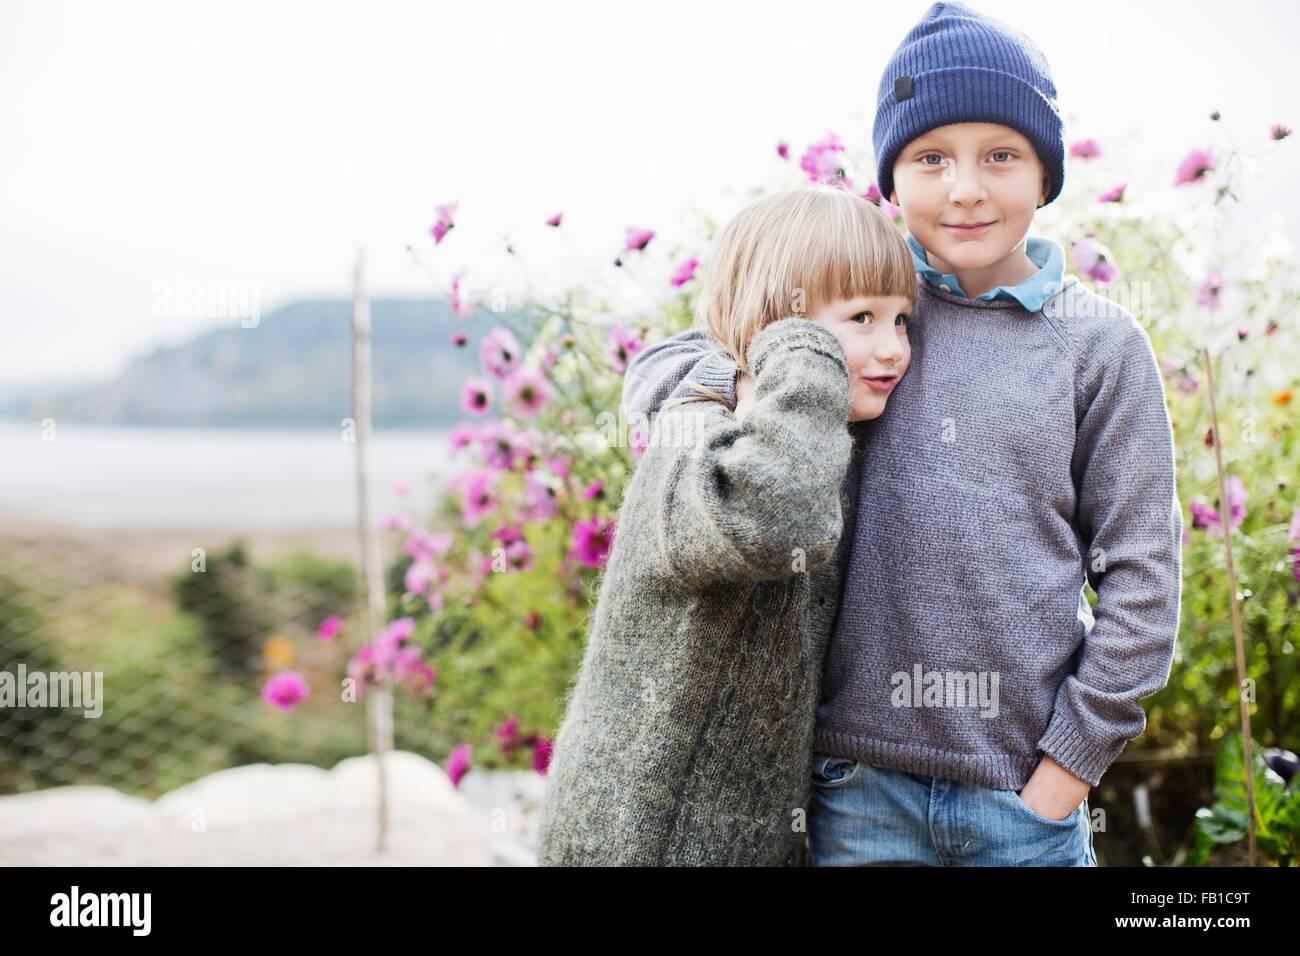 Boys in organic garden - Stock Image